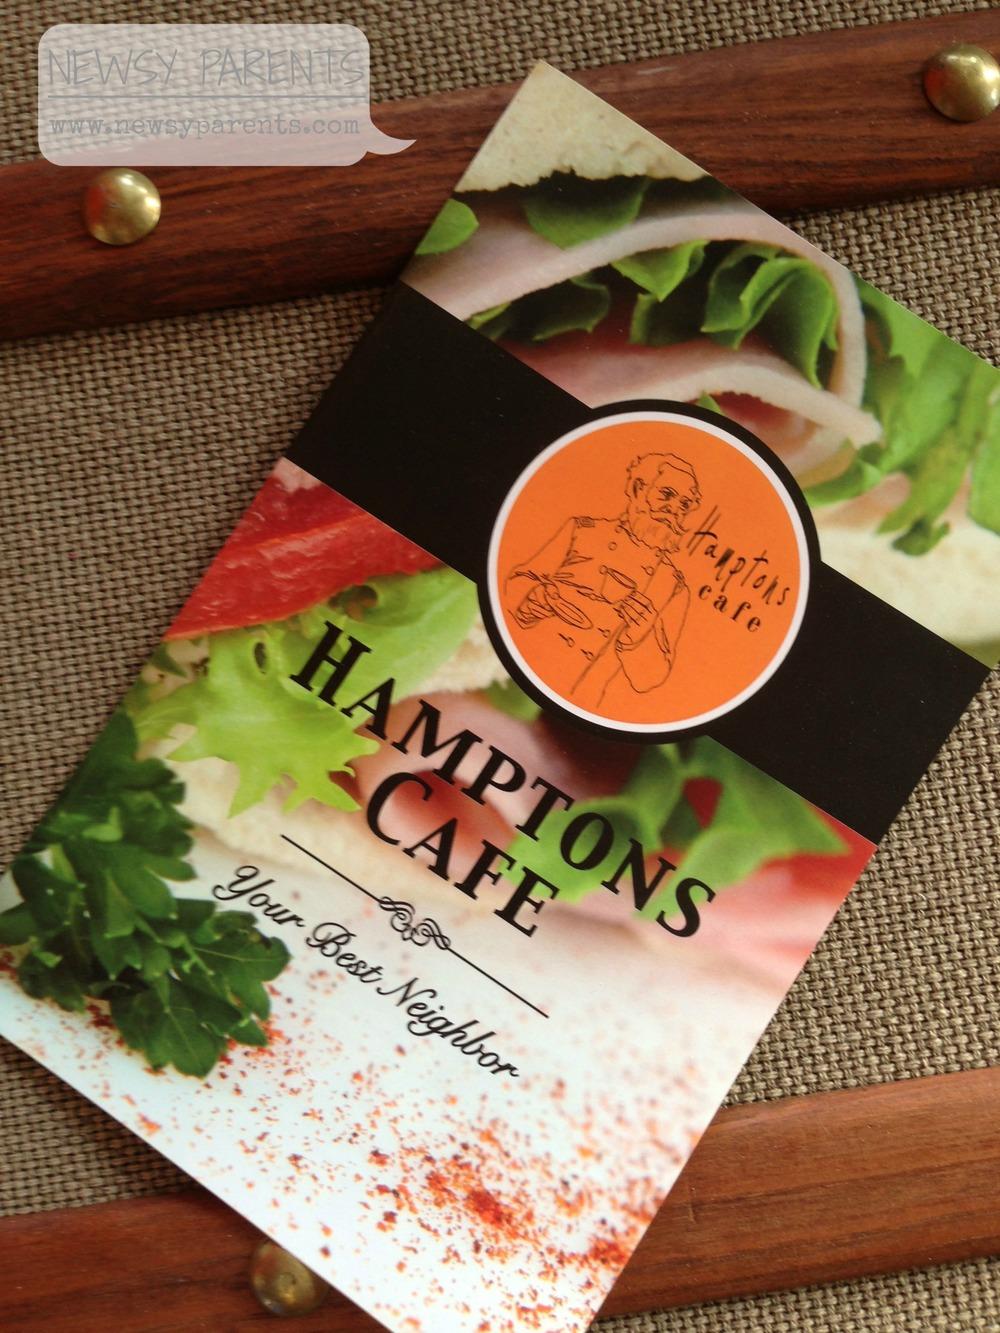 Newsy Parents Hamptons menu.jpg